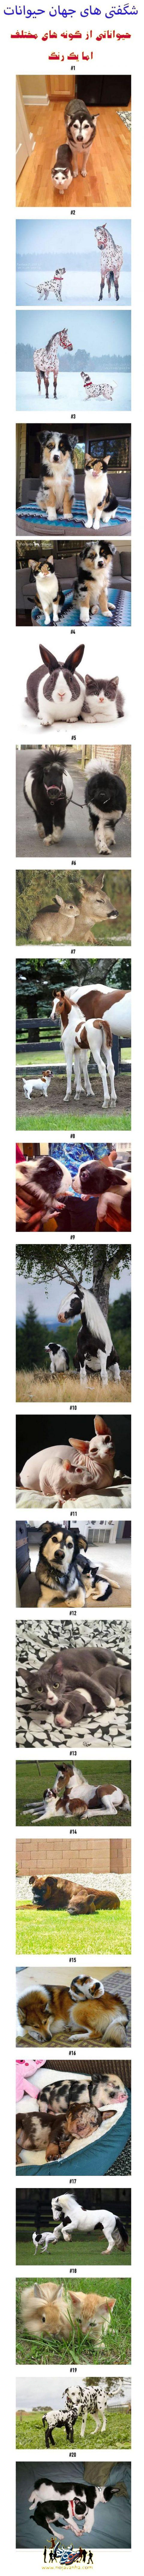 شگفتی های جهان حیوانات!